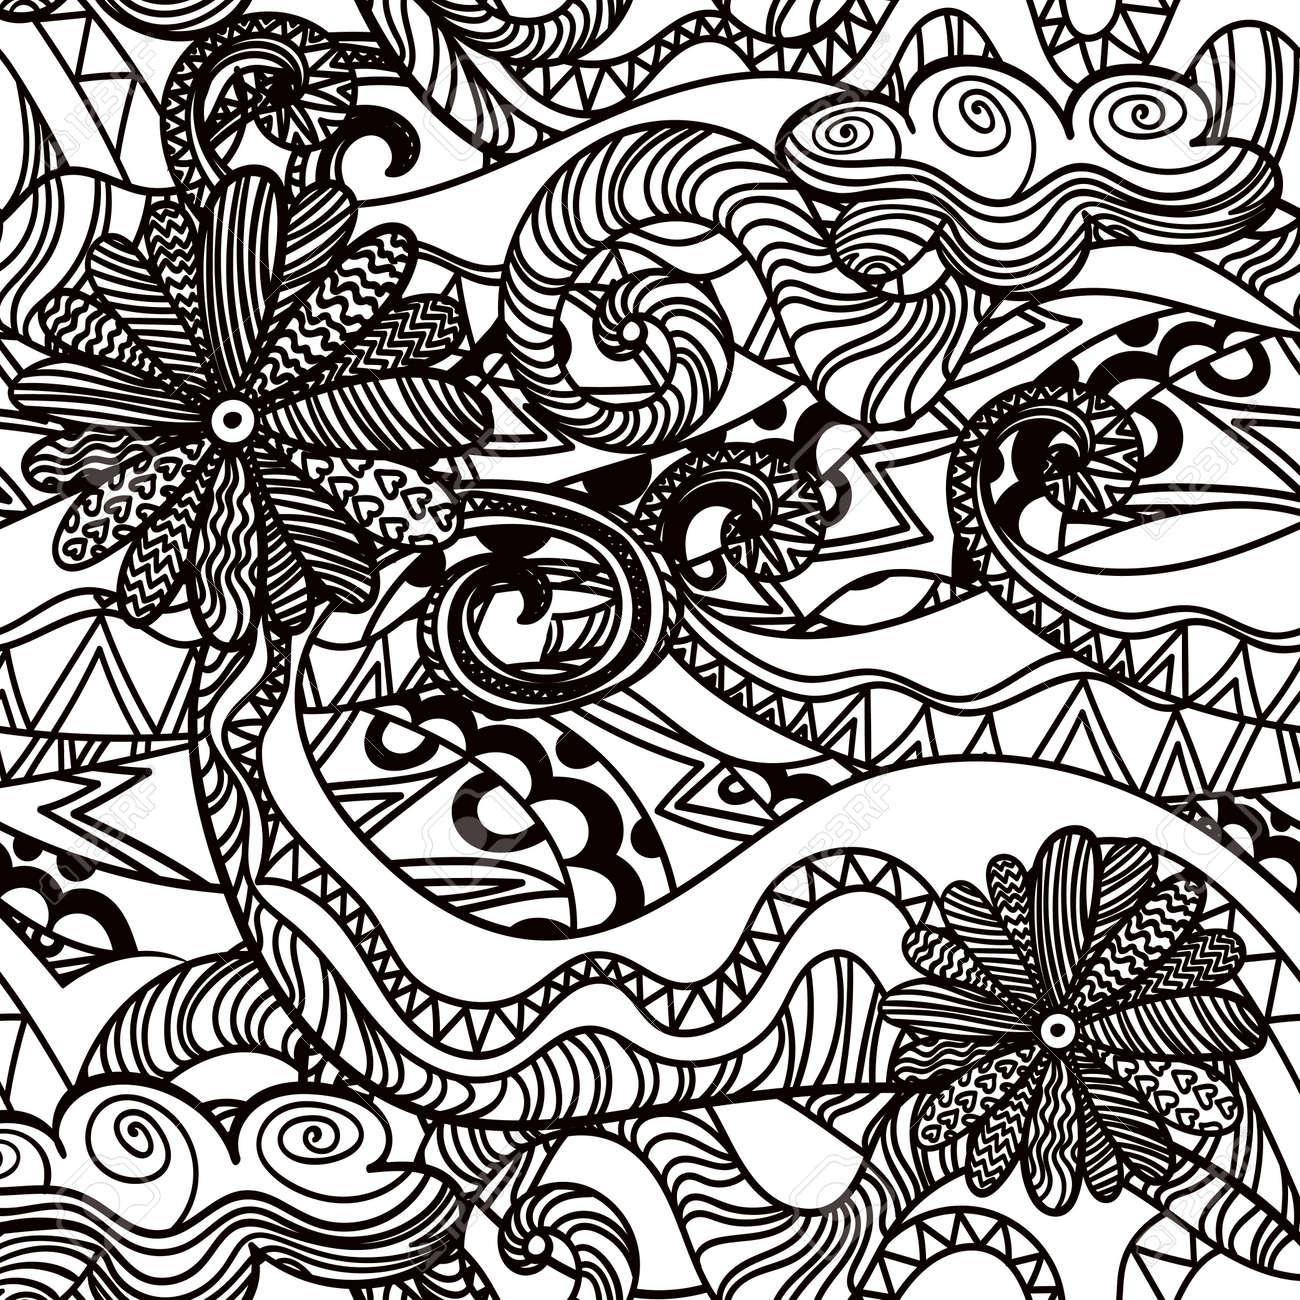 Illustration De Fond Artistique Vector Avec Un Dessin Au Trait Abstrait Noir Et Blanc Dessiné à La Main Coloriage